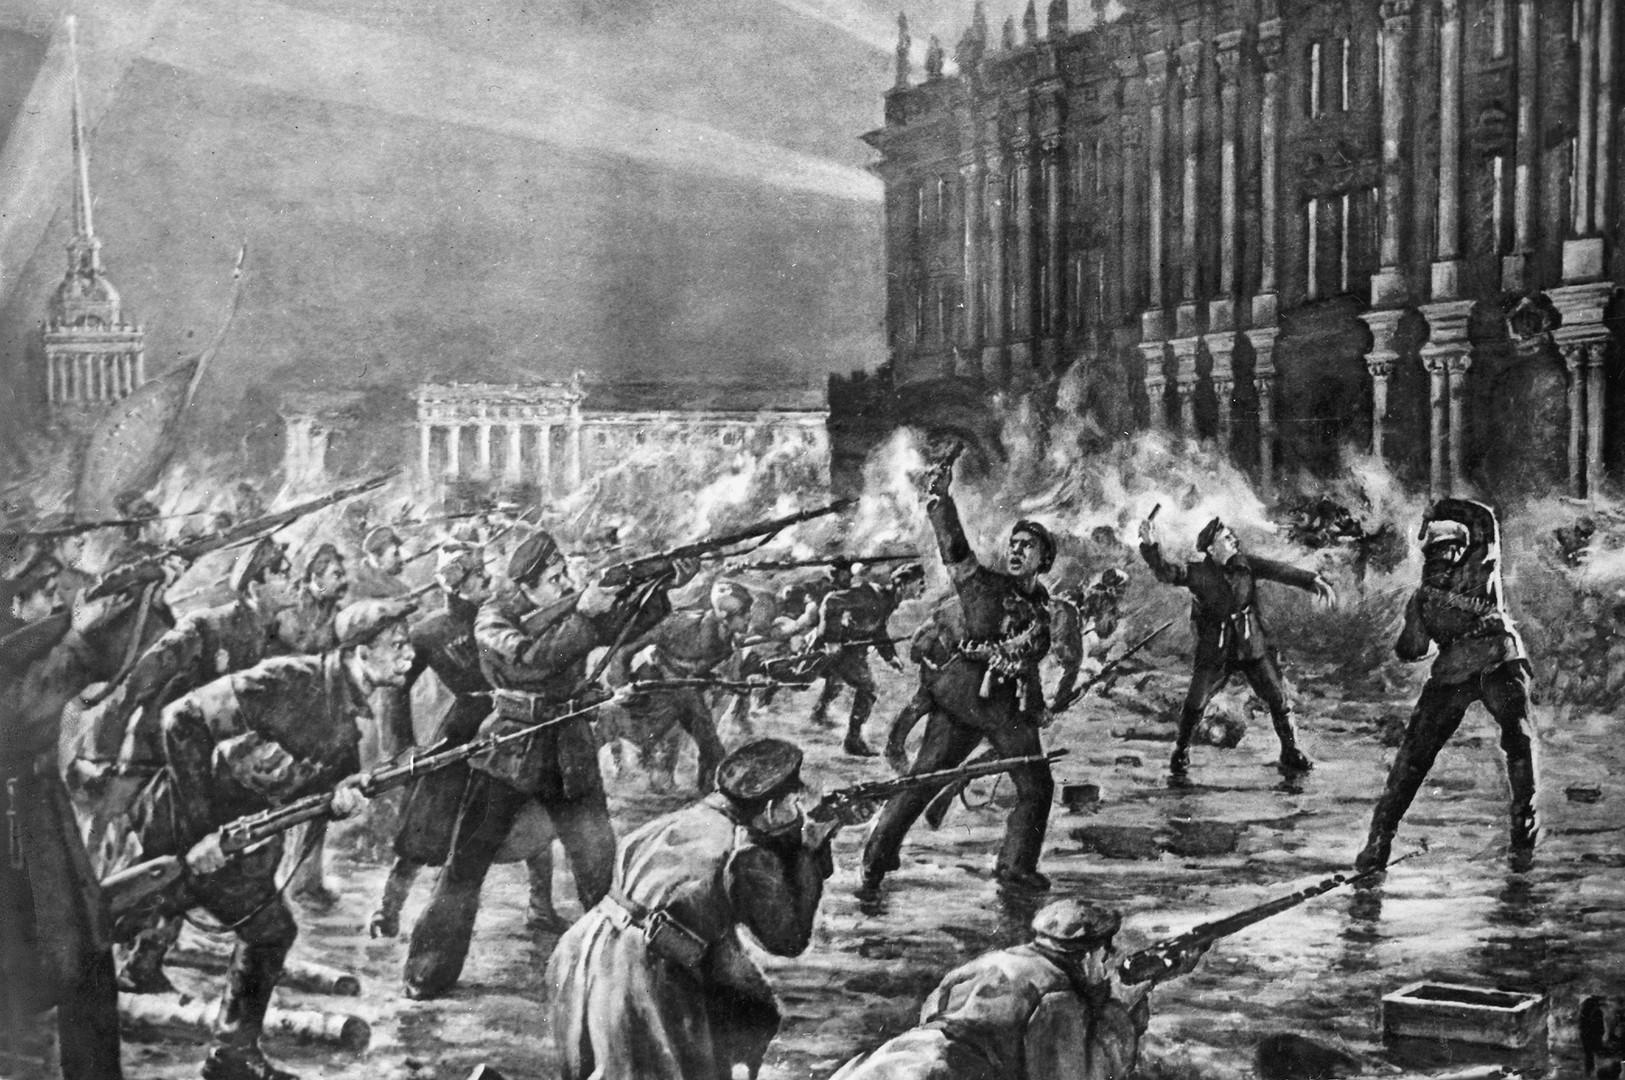 Pengawal Merah, yang terdiri atas tentara dan pelaut, menyerang bekas istana tsar (Istana Musim Dingin) pada November 1917.